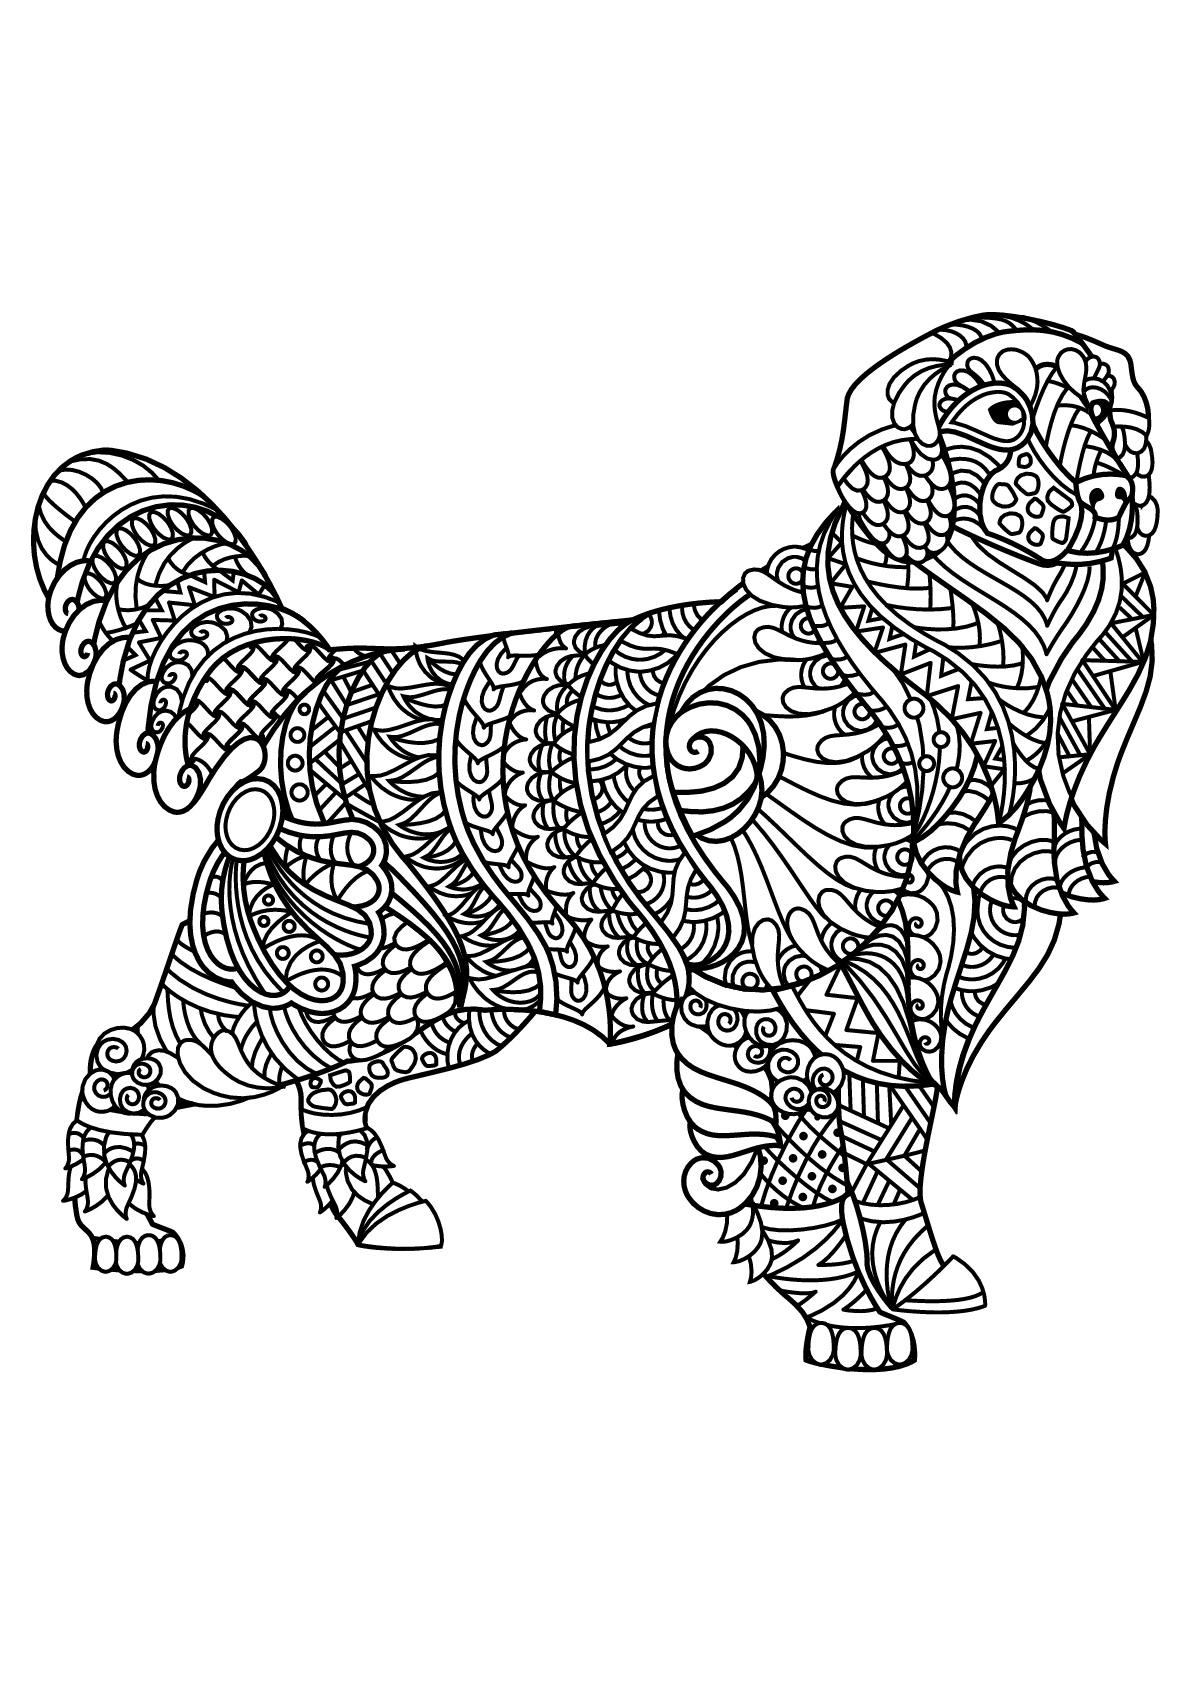 Cani 92603 cani disegni da colorare per adulti for Immagini di cani da colorare